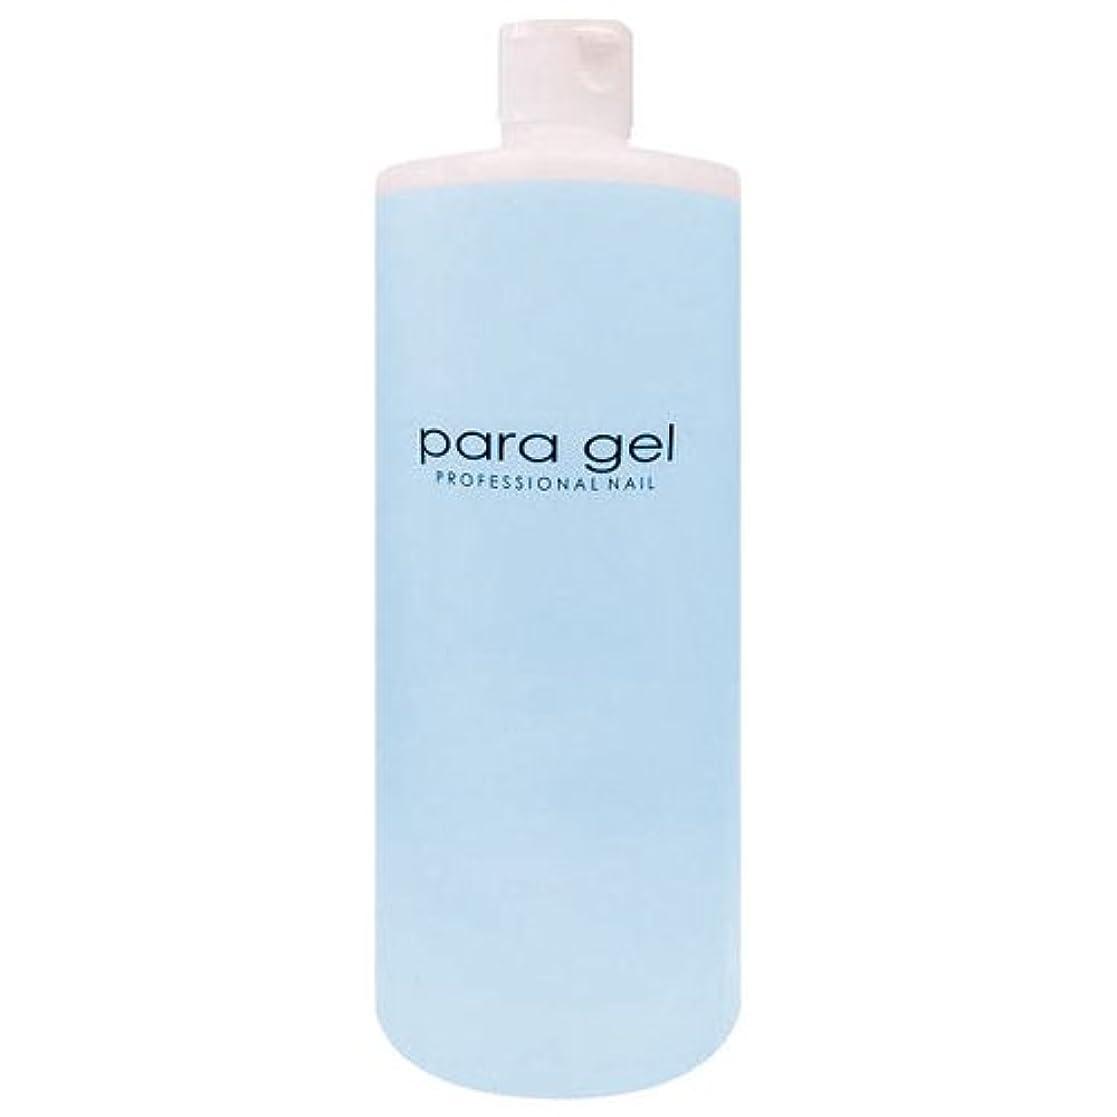 反逆者やめる割り込みパラジェル(para gel) パラプレップ 1000ml